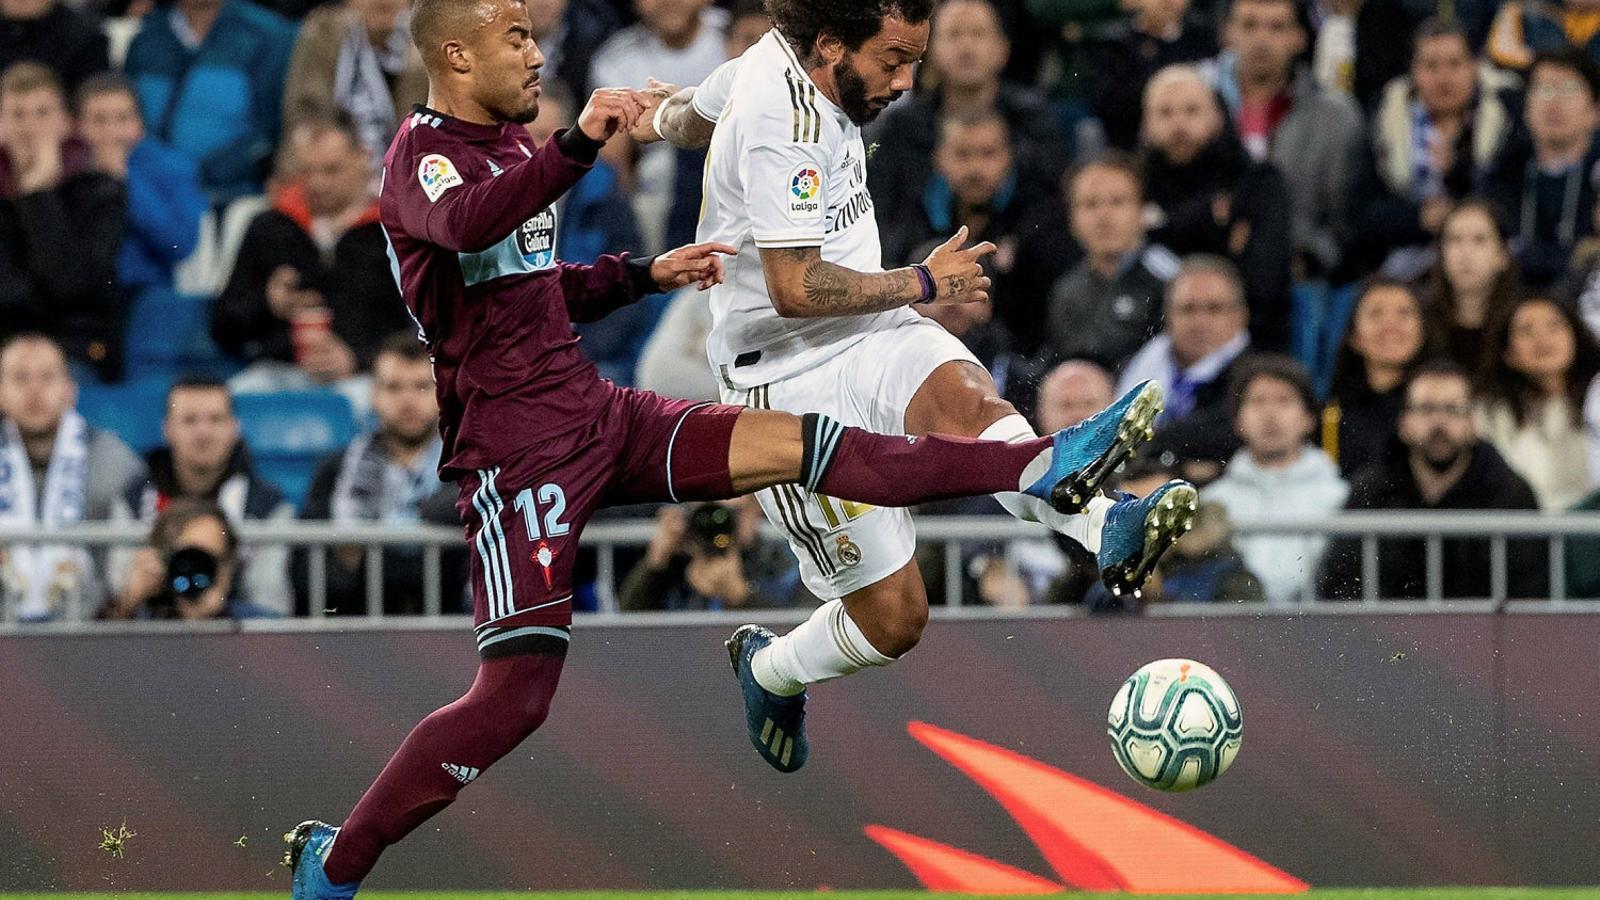 Marcelo intentant controlar una pilota contra el Celta.